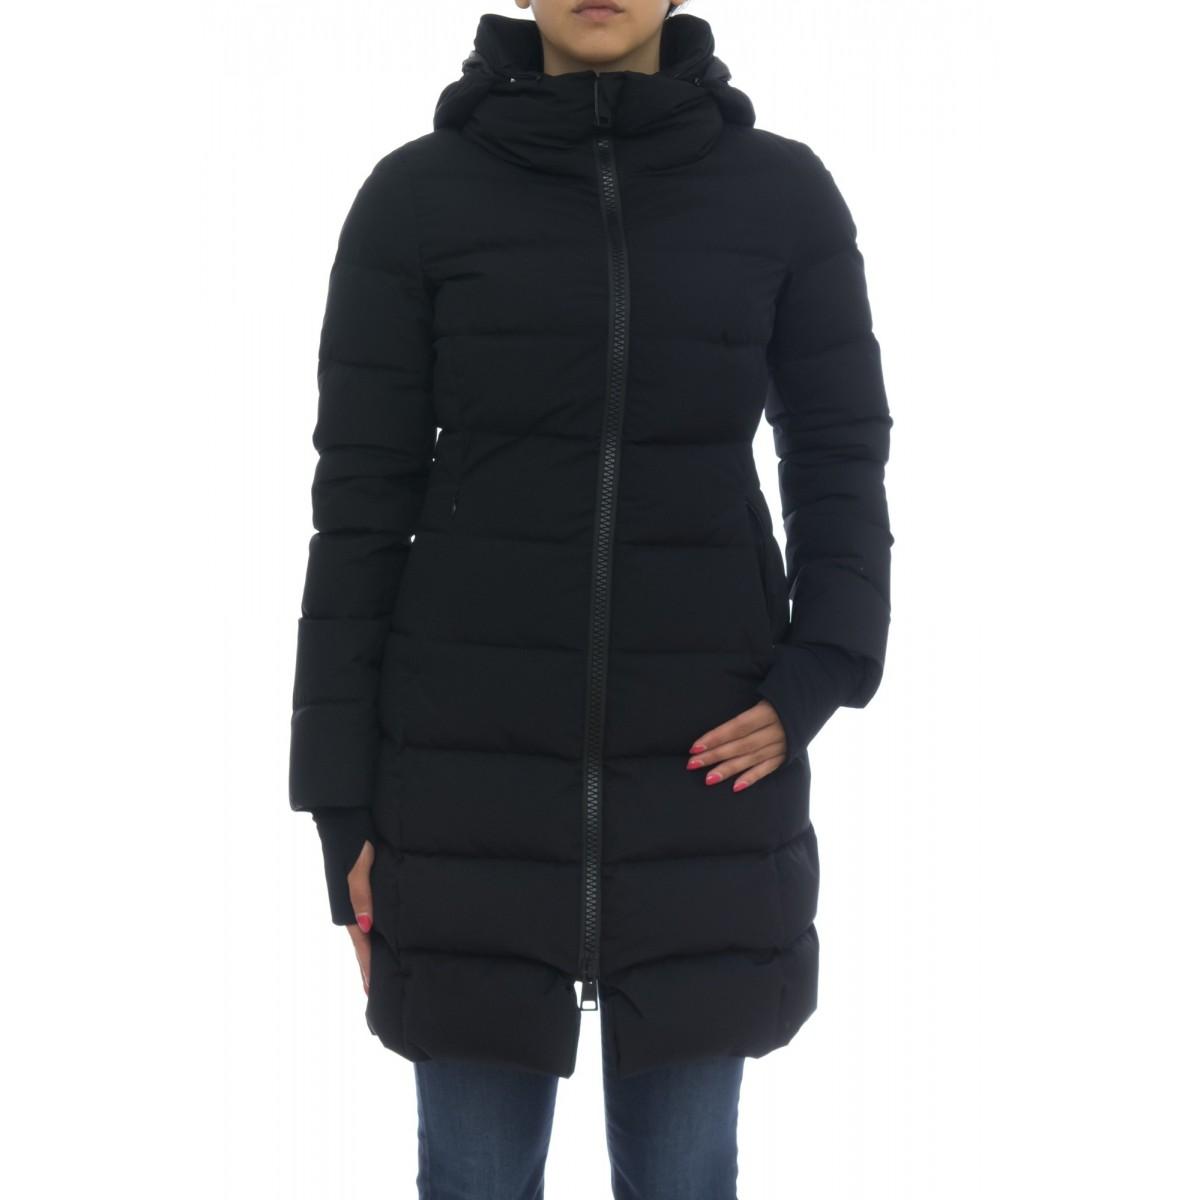 Down Jacket Woman- Pi056dl 11106 piumino laminar sfiancato